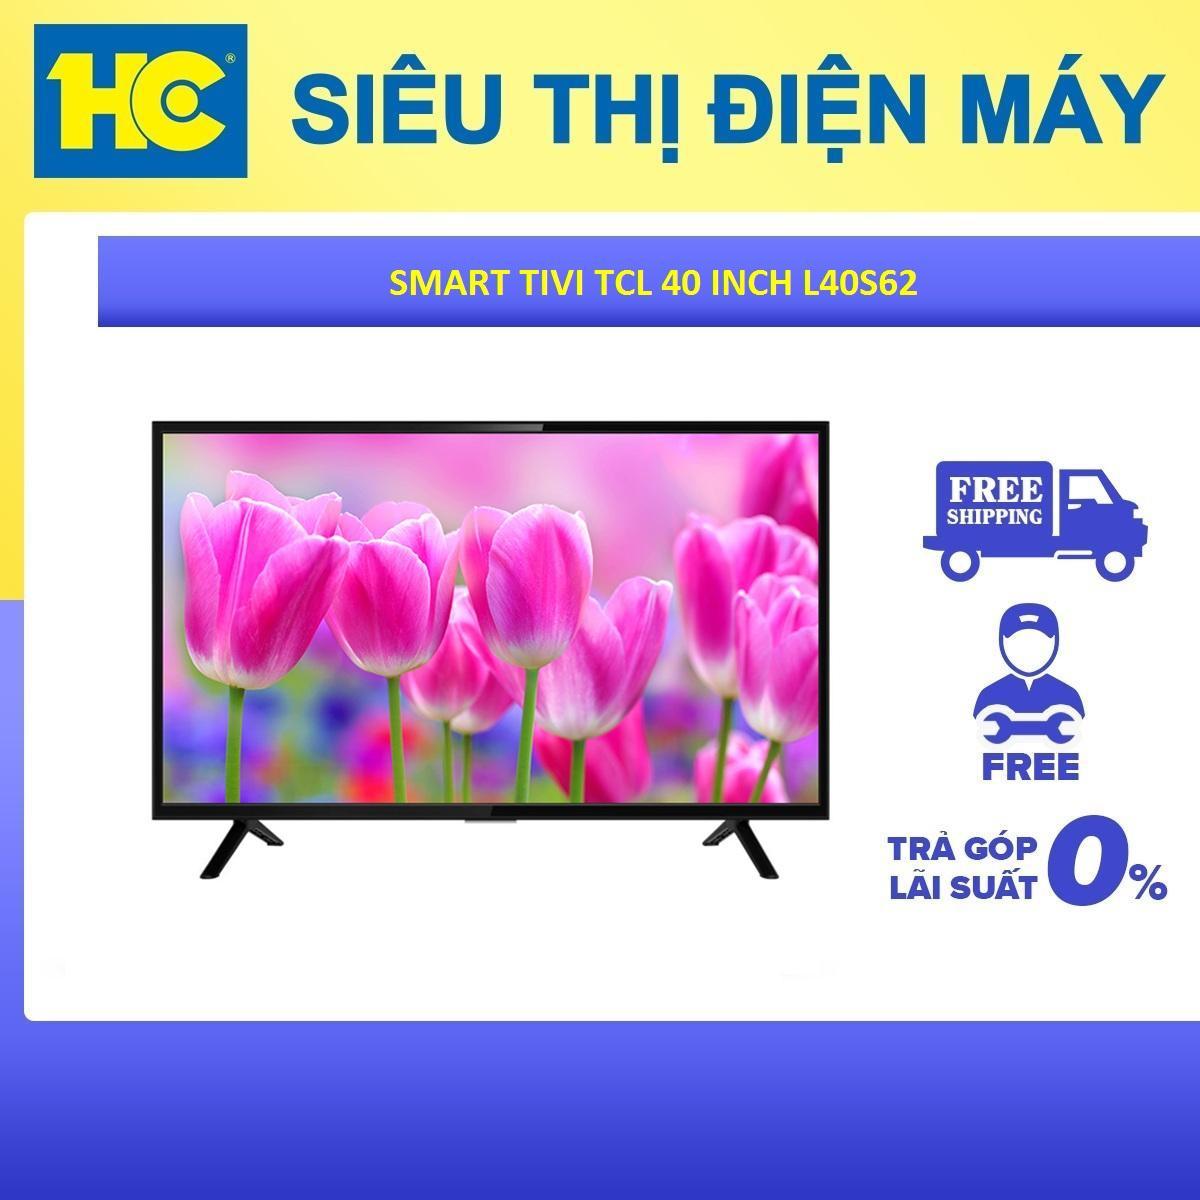 Bảng giá Smart Tivi TCL 40 inch L40S62 Full HD - Công nghệ âm thanh Dolby đem đến trải nghiệm đang xem phim tại rạp - Hệ điều hành TV+ OS mượt mà thân thiện dễ sử dụng - Bảo hành 2 năm